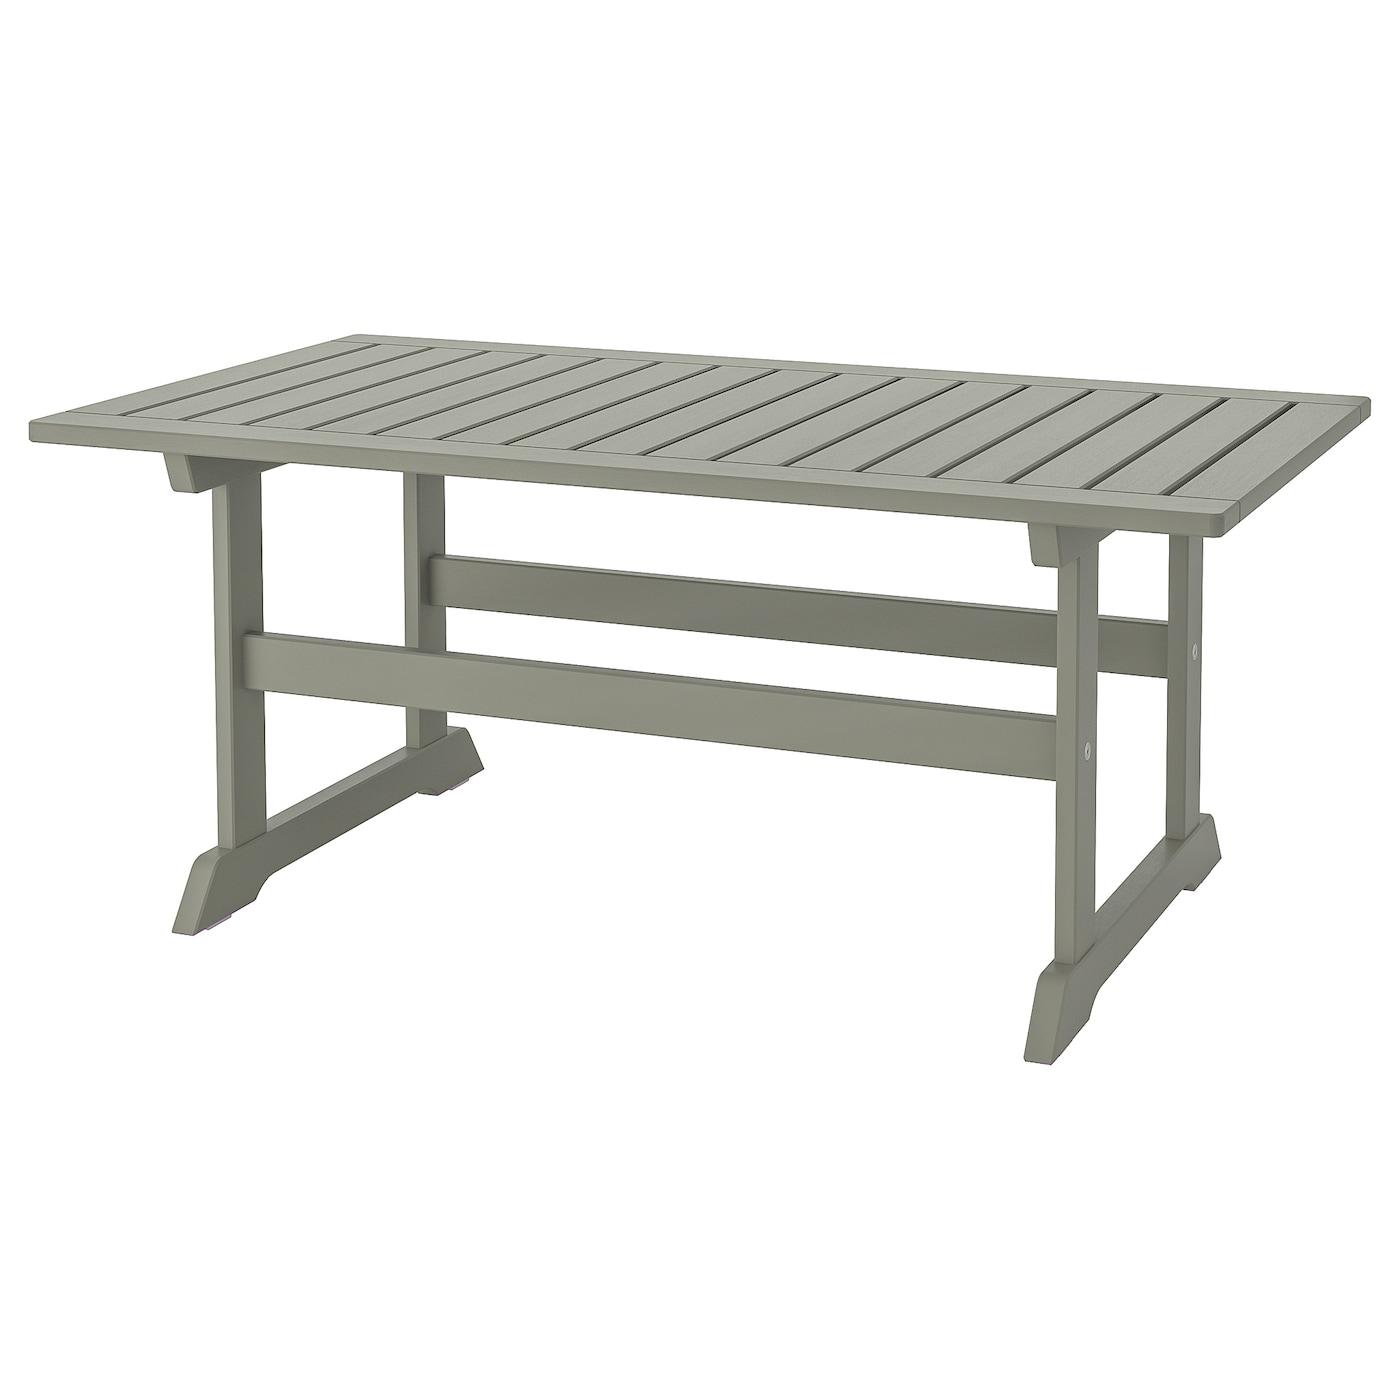 BONDHOLMEN Couchtischaußen grau IKEA Österreich